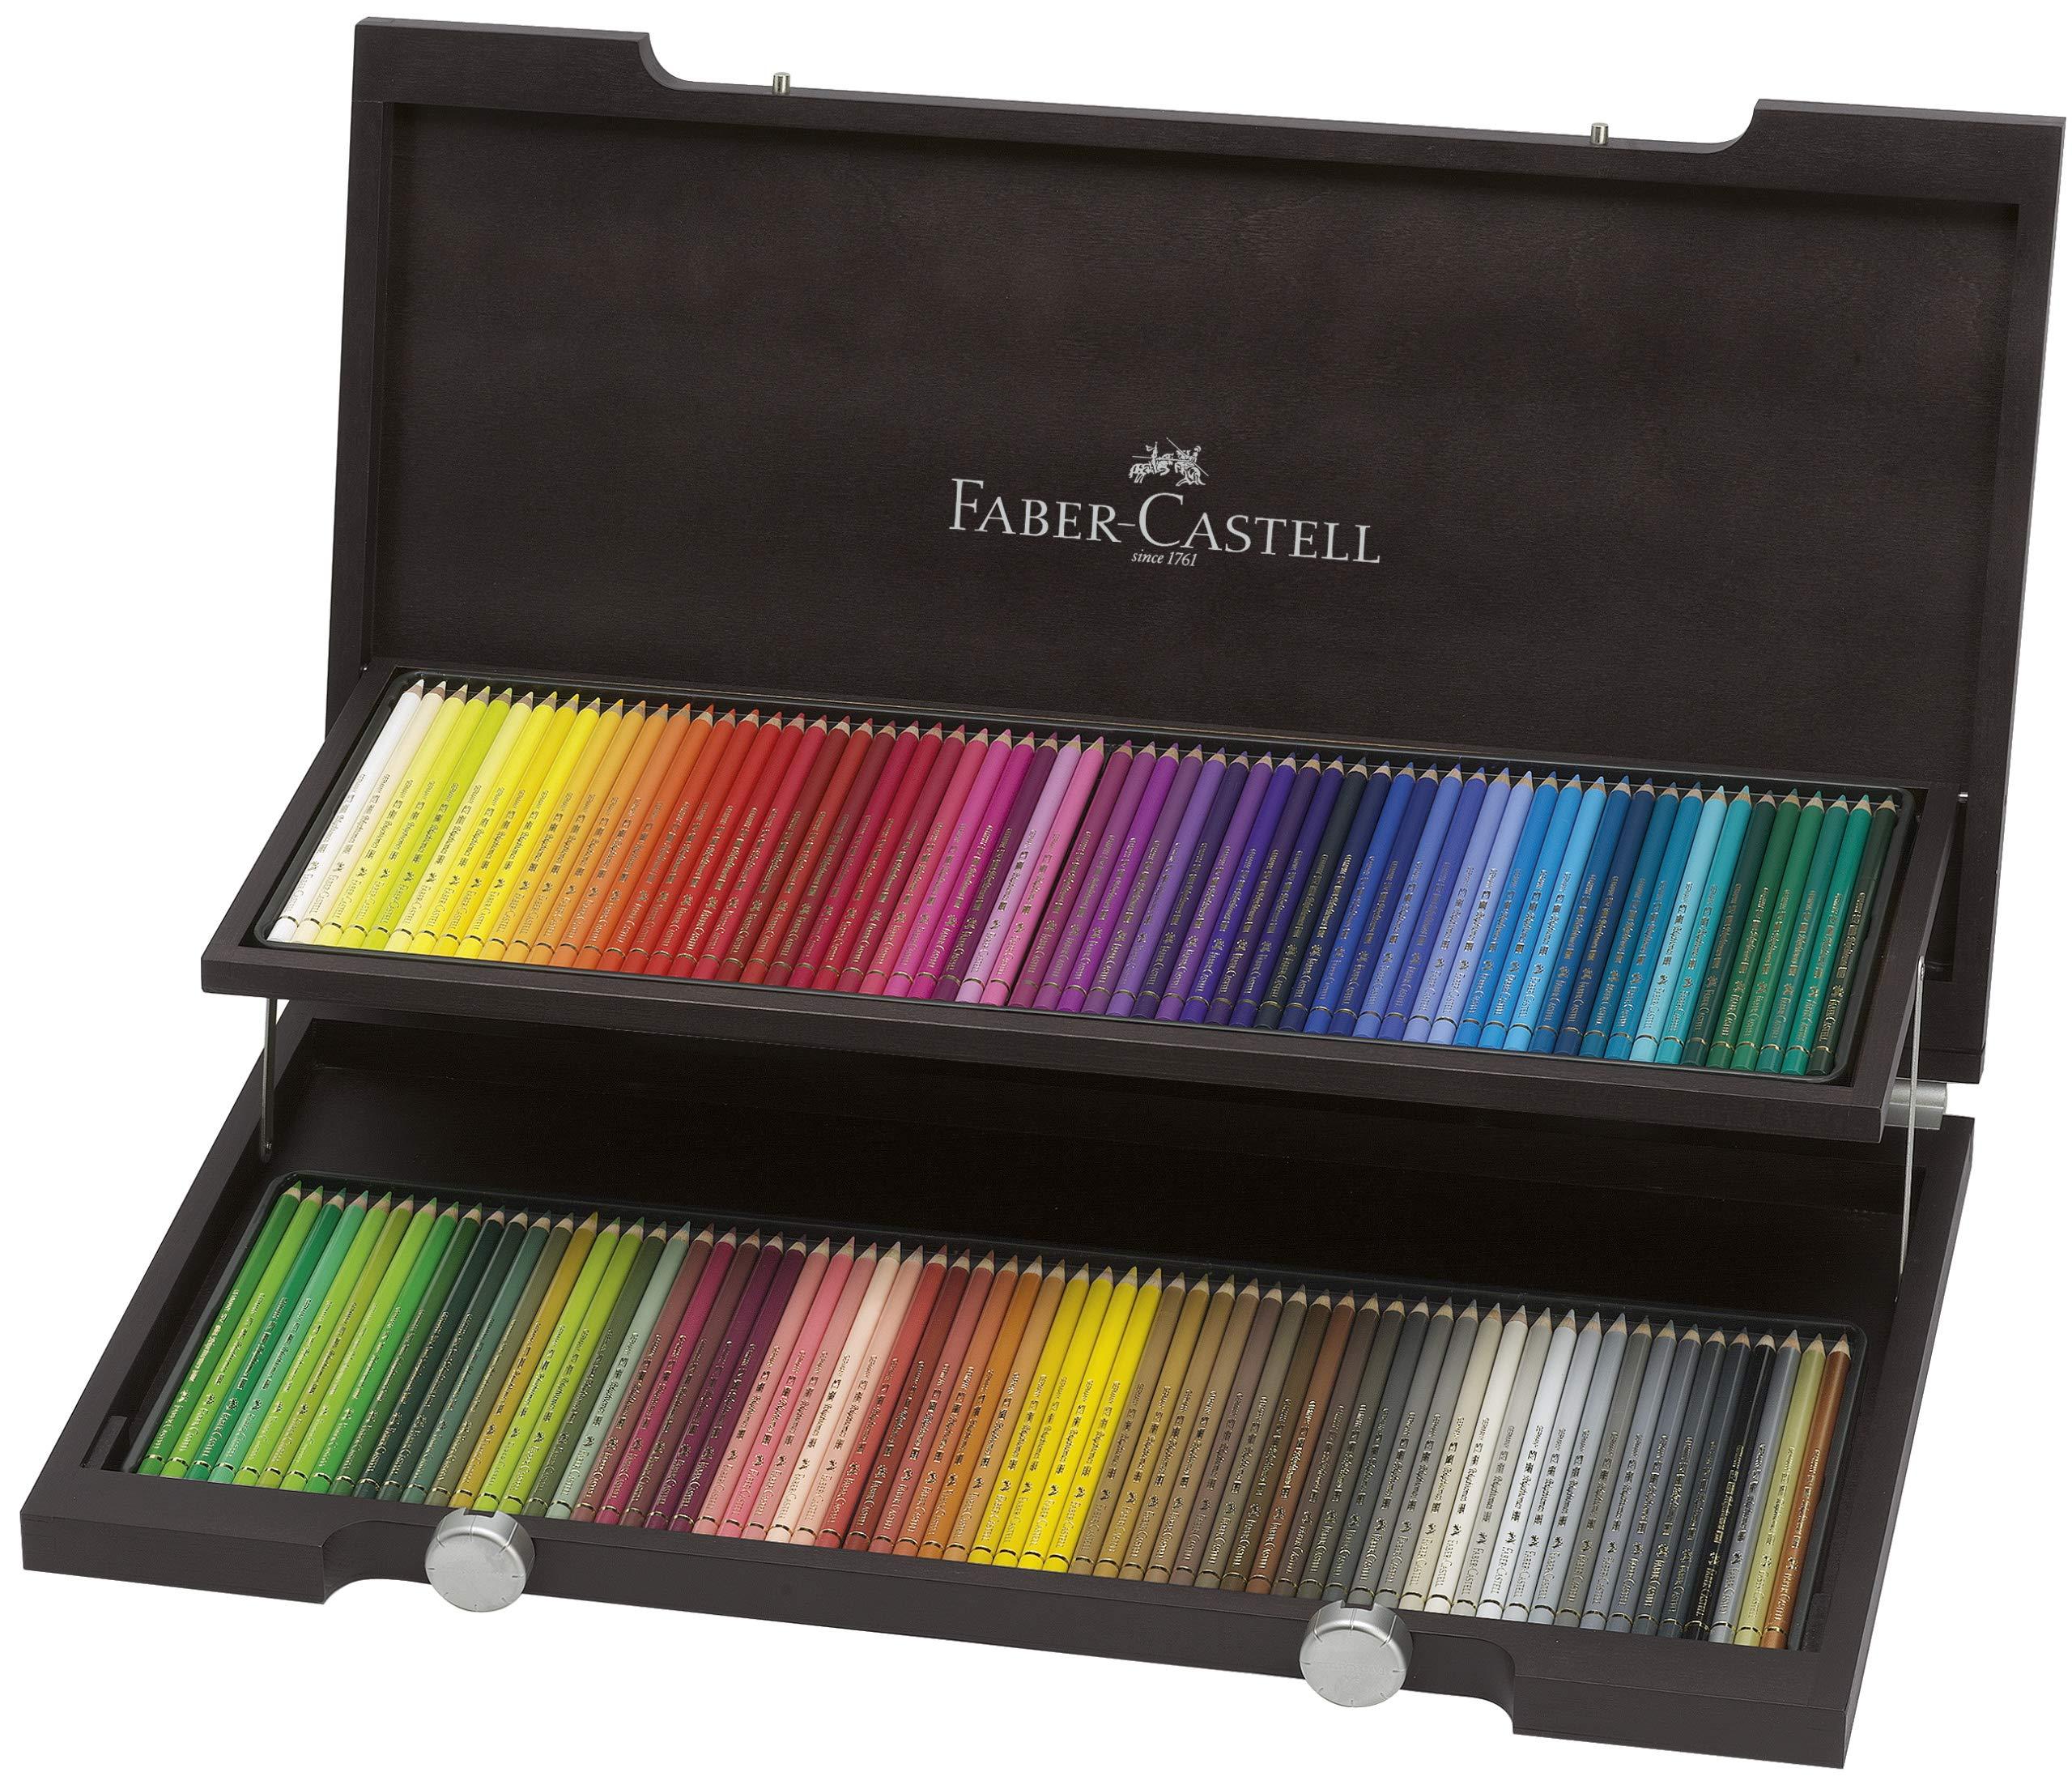 Faber-Castell 110013 - Estuche de madera con 120 ecolápices polychromos, multicolor: Amazon.es: Oficina y papelería